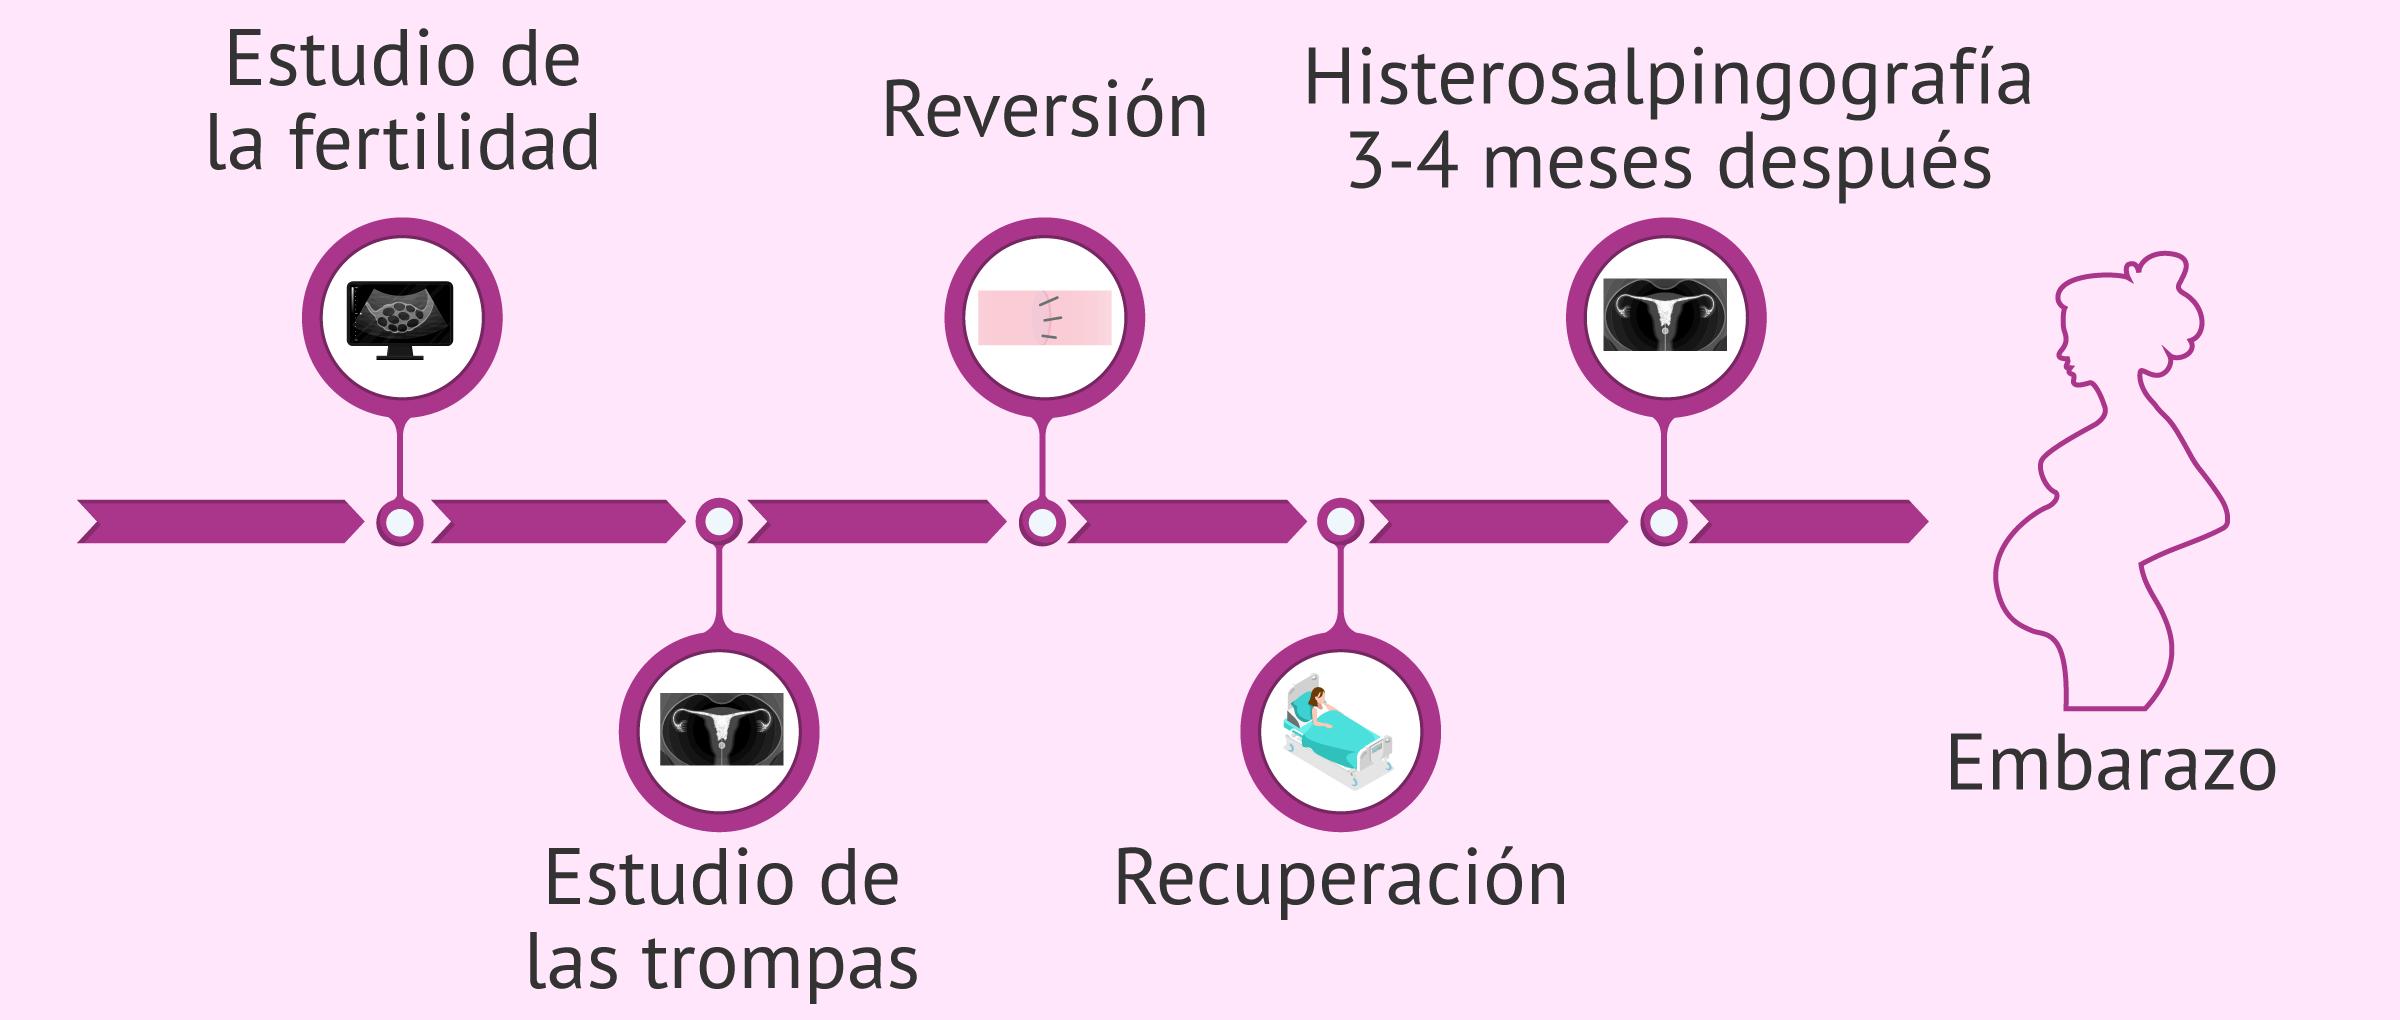 Proceso del tratamiento reversión de la ligadura de trompas